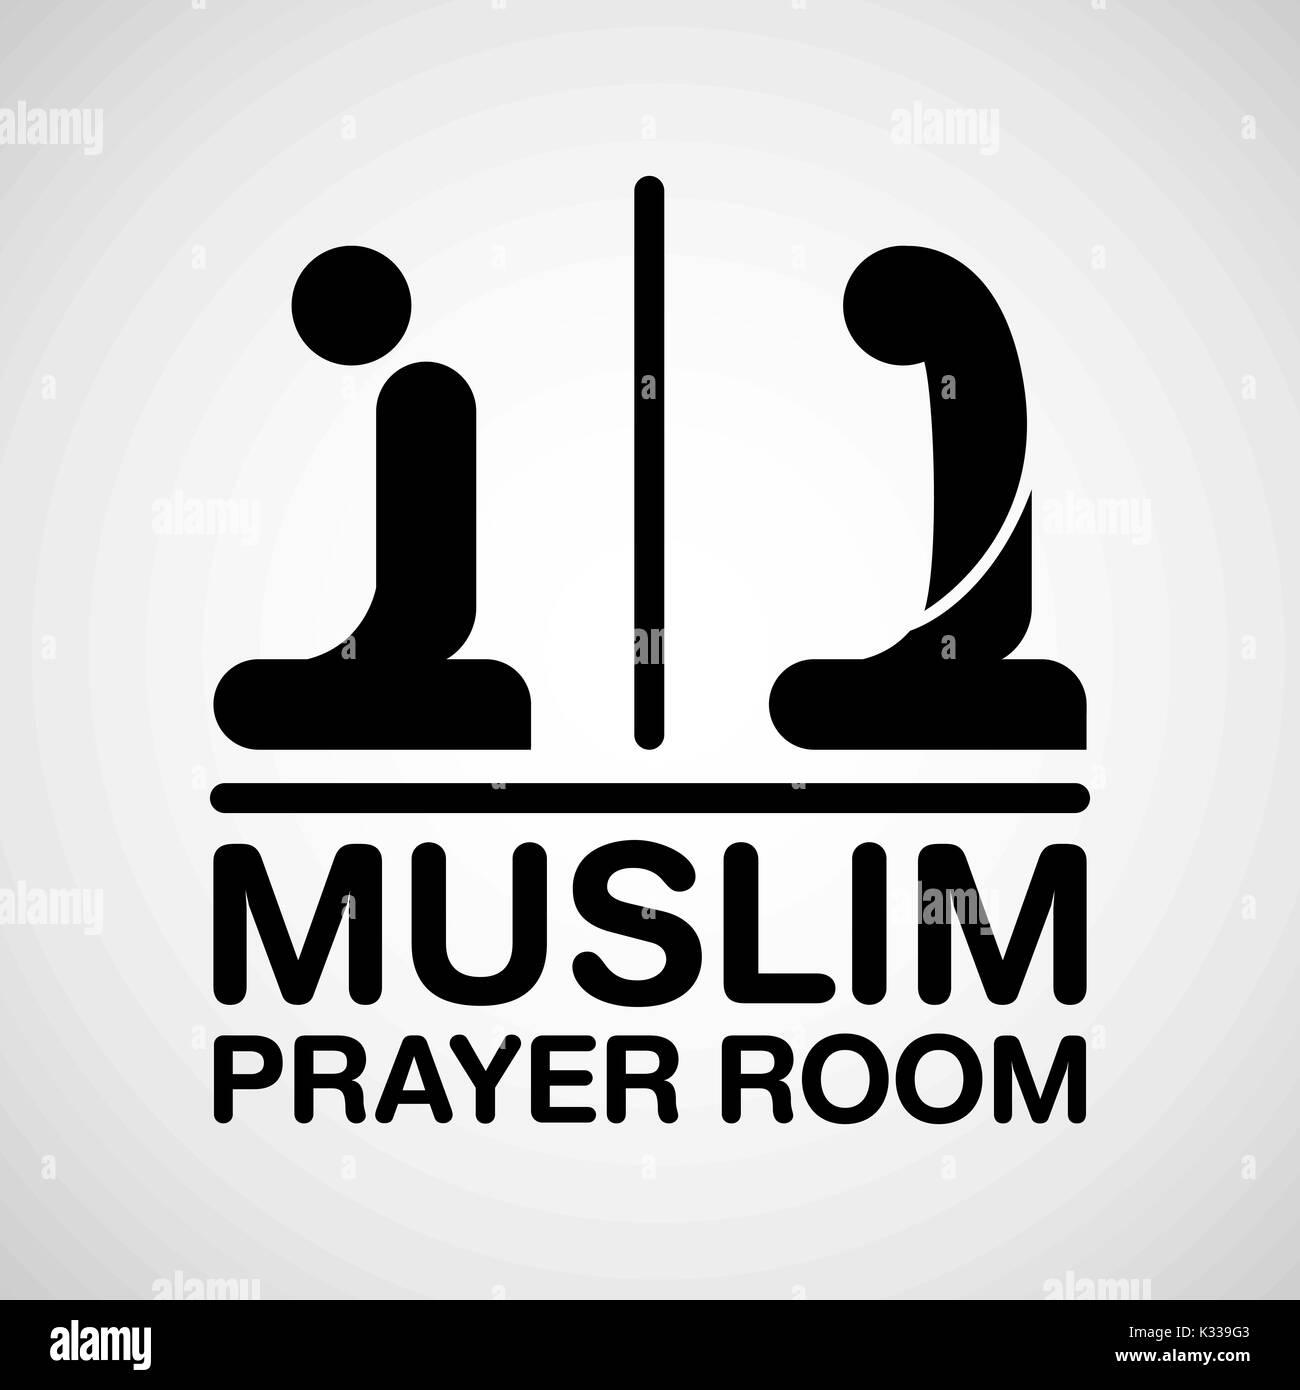 Muslim Prayer Room Sign Vector Illustrator Stock Vector Art Illustration Vector Image